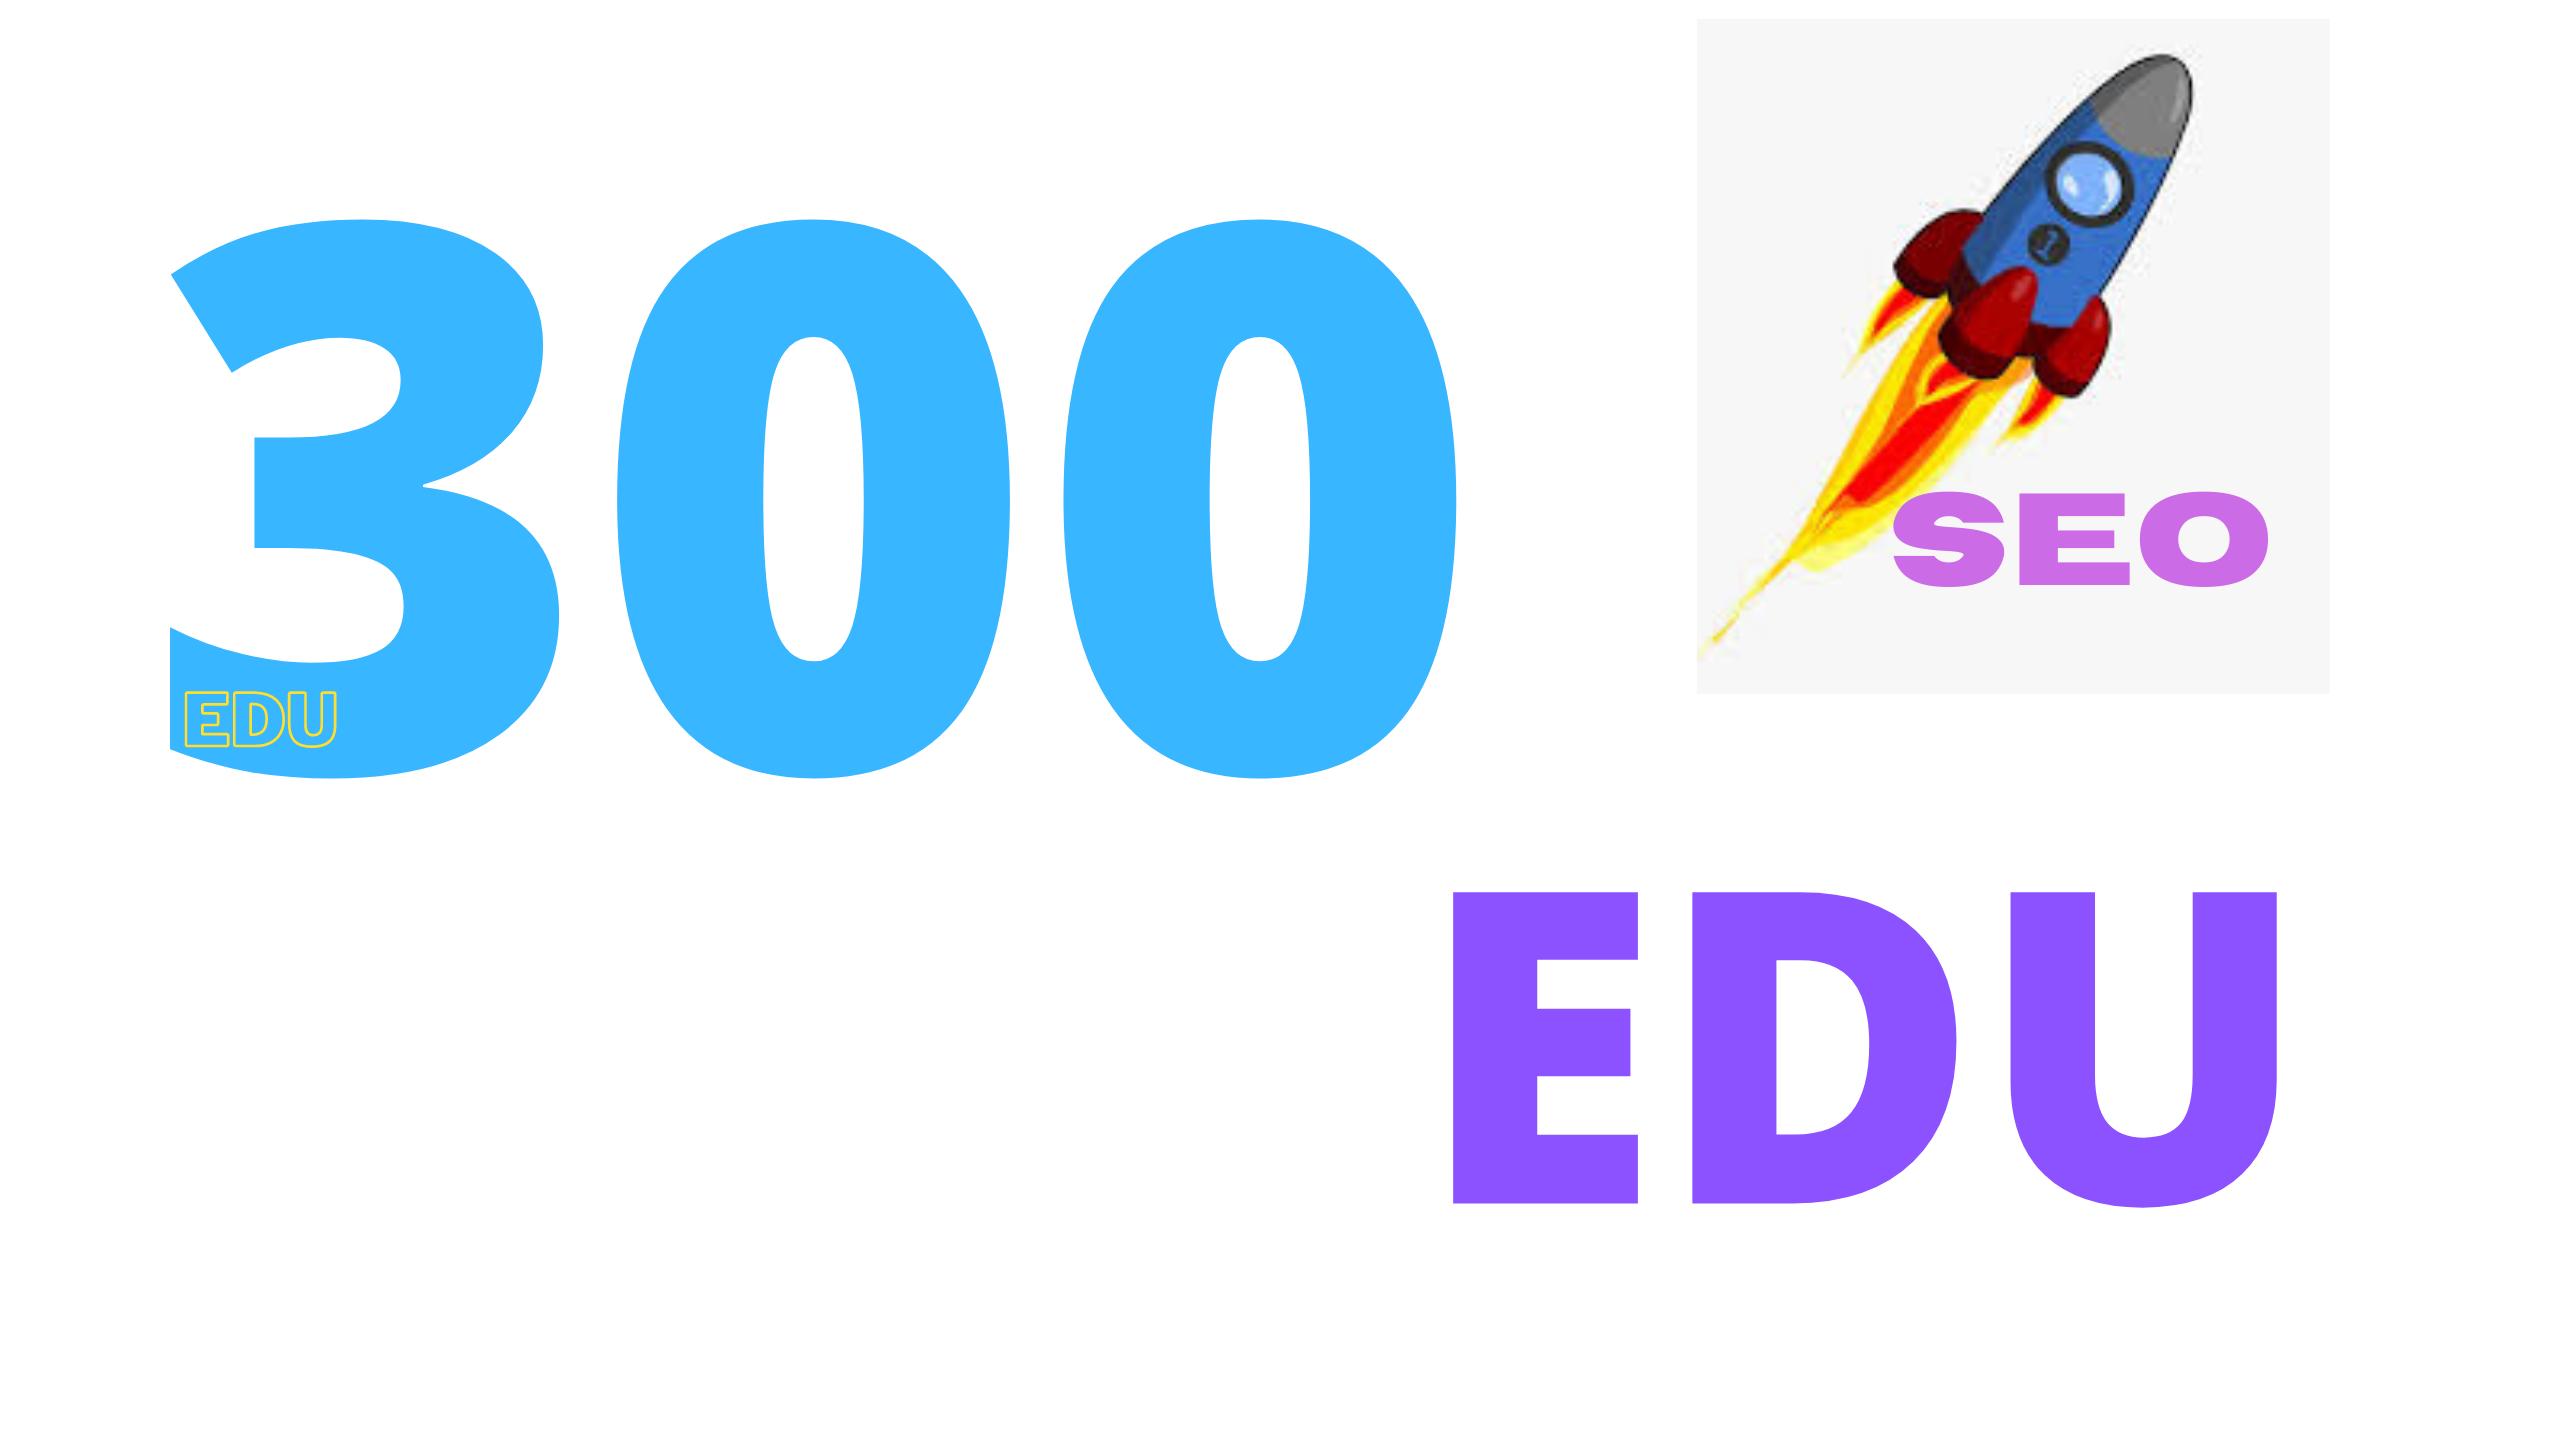 Buy 3 free 1 limited time offer 300 EDU backlinks for your website